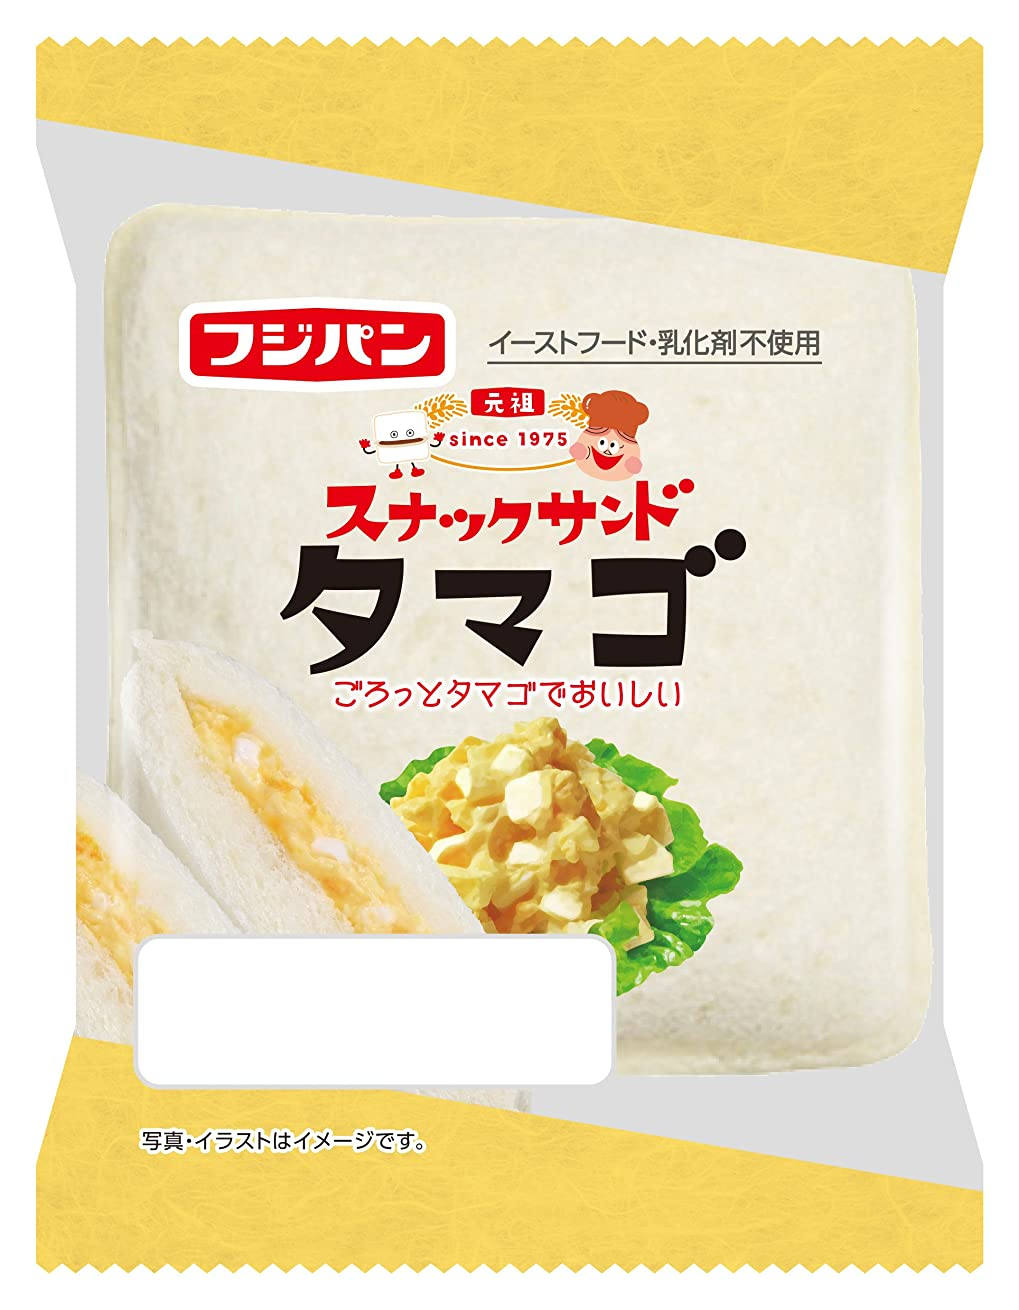 急ぐベンチャー通知する【冷凍】 業務用 テーブルマーク コーンブレッド 約22g×10個入り コーン入り 冷凍 パン